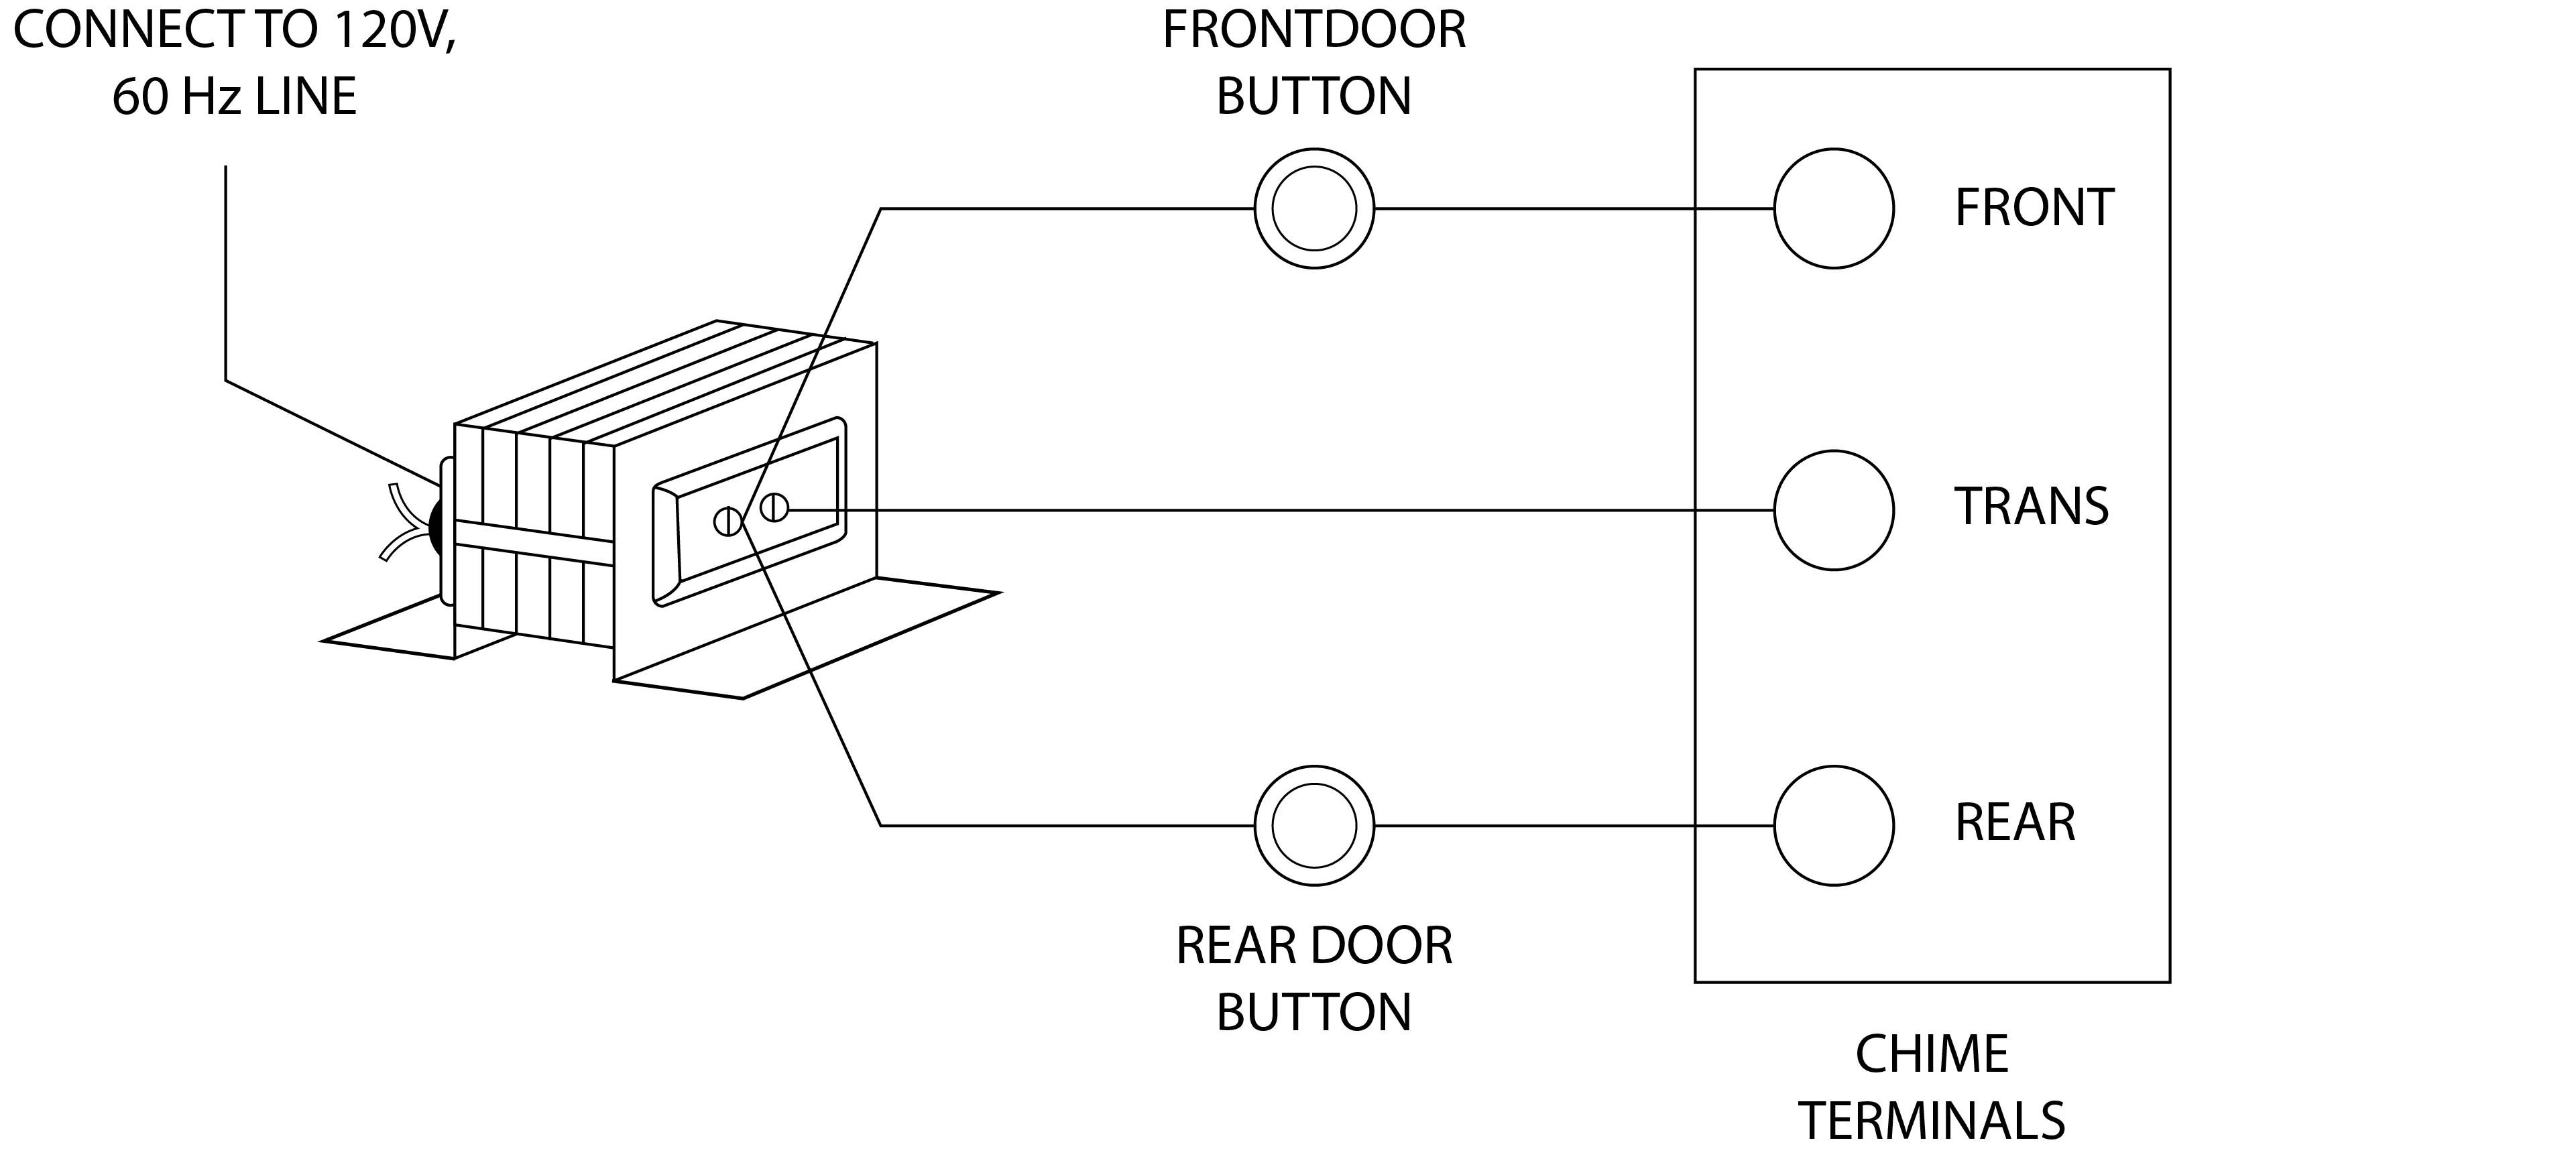 House Doorbell Wiring Doorbell Wiring Colors • Googlea4.com on